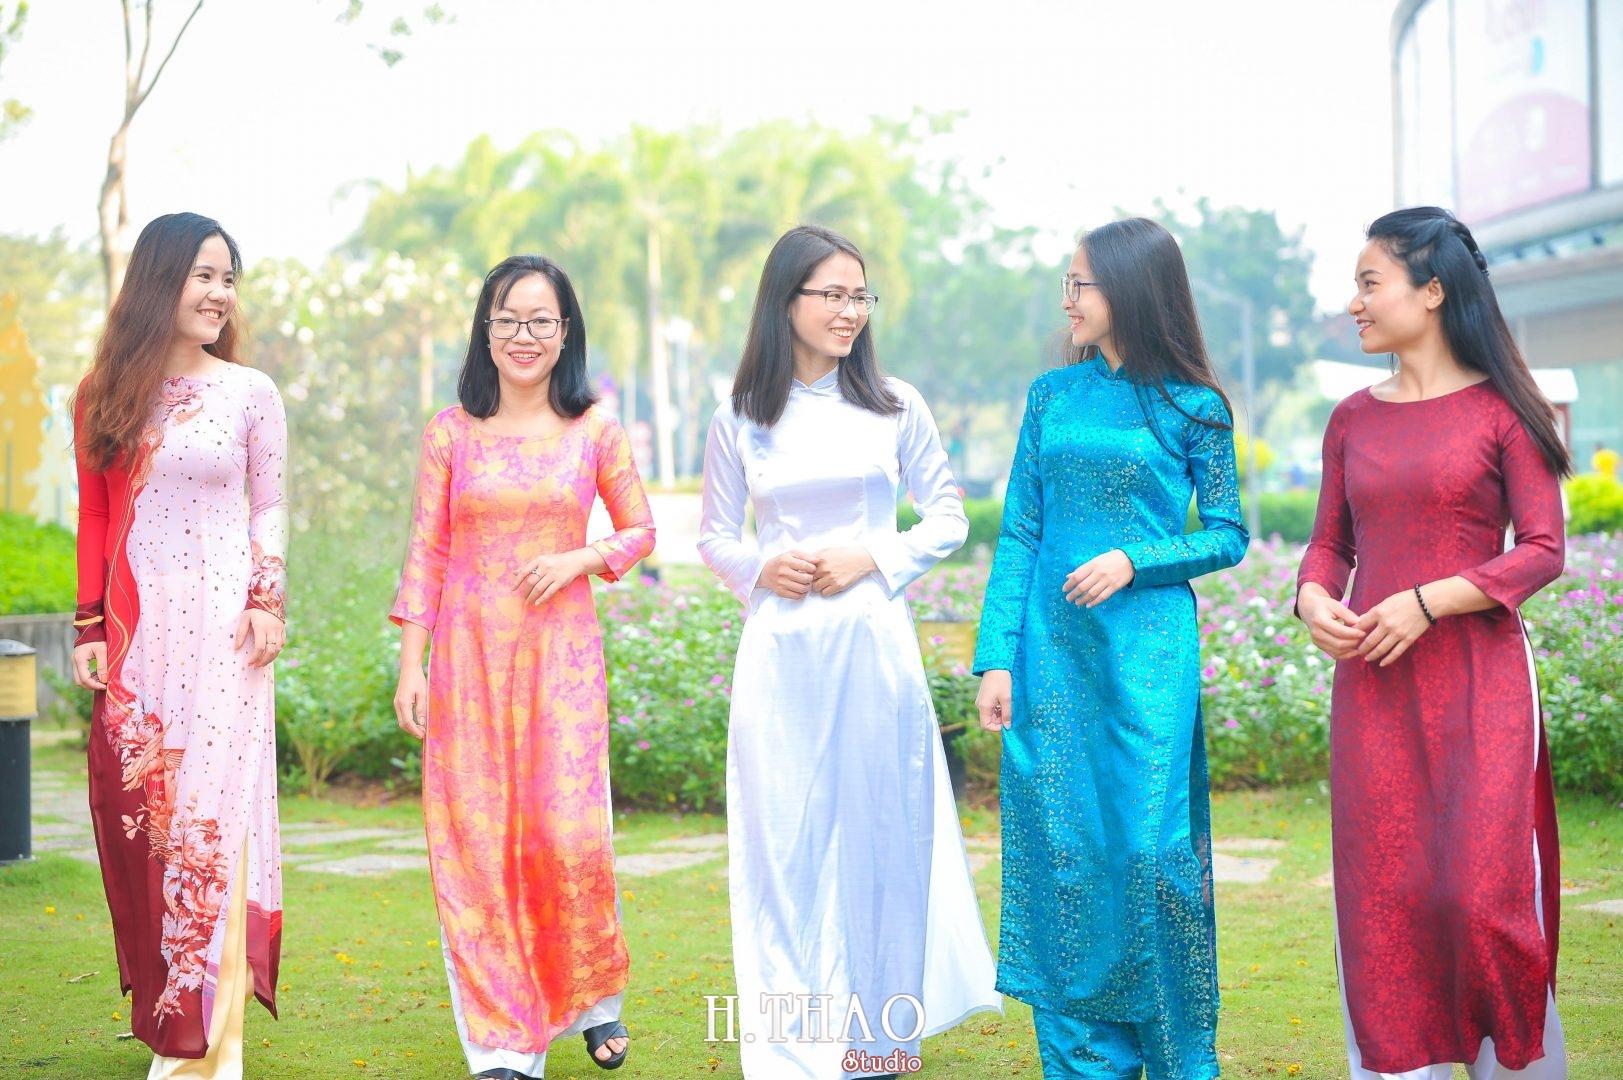 Ao dai nhom dep 20 - Báo giá chụp ảnh áo dài trọn gói tại Tp.HCM - HThao Studio